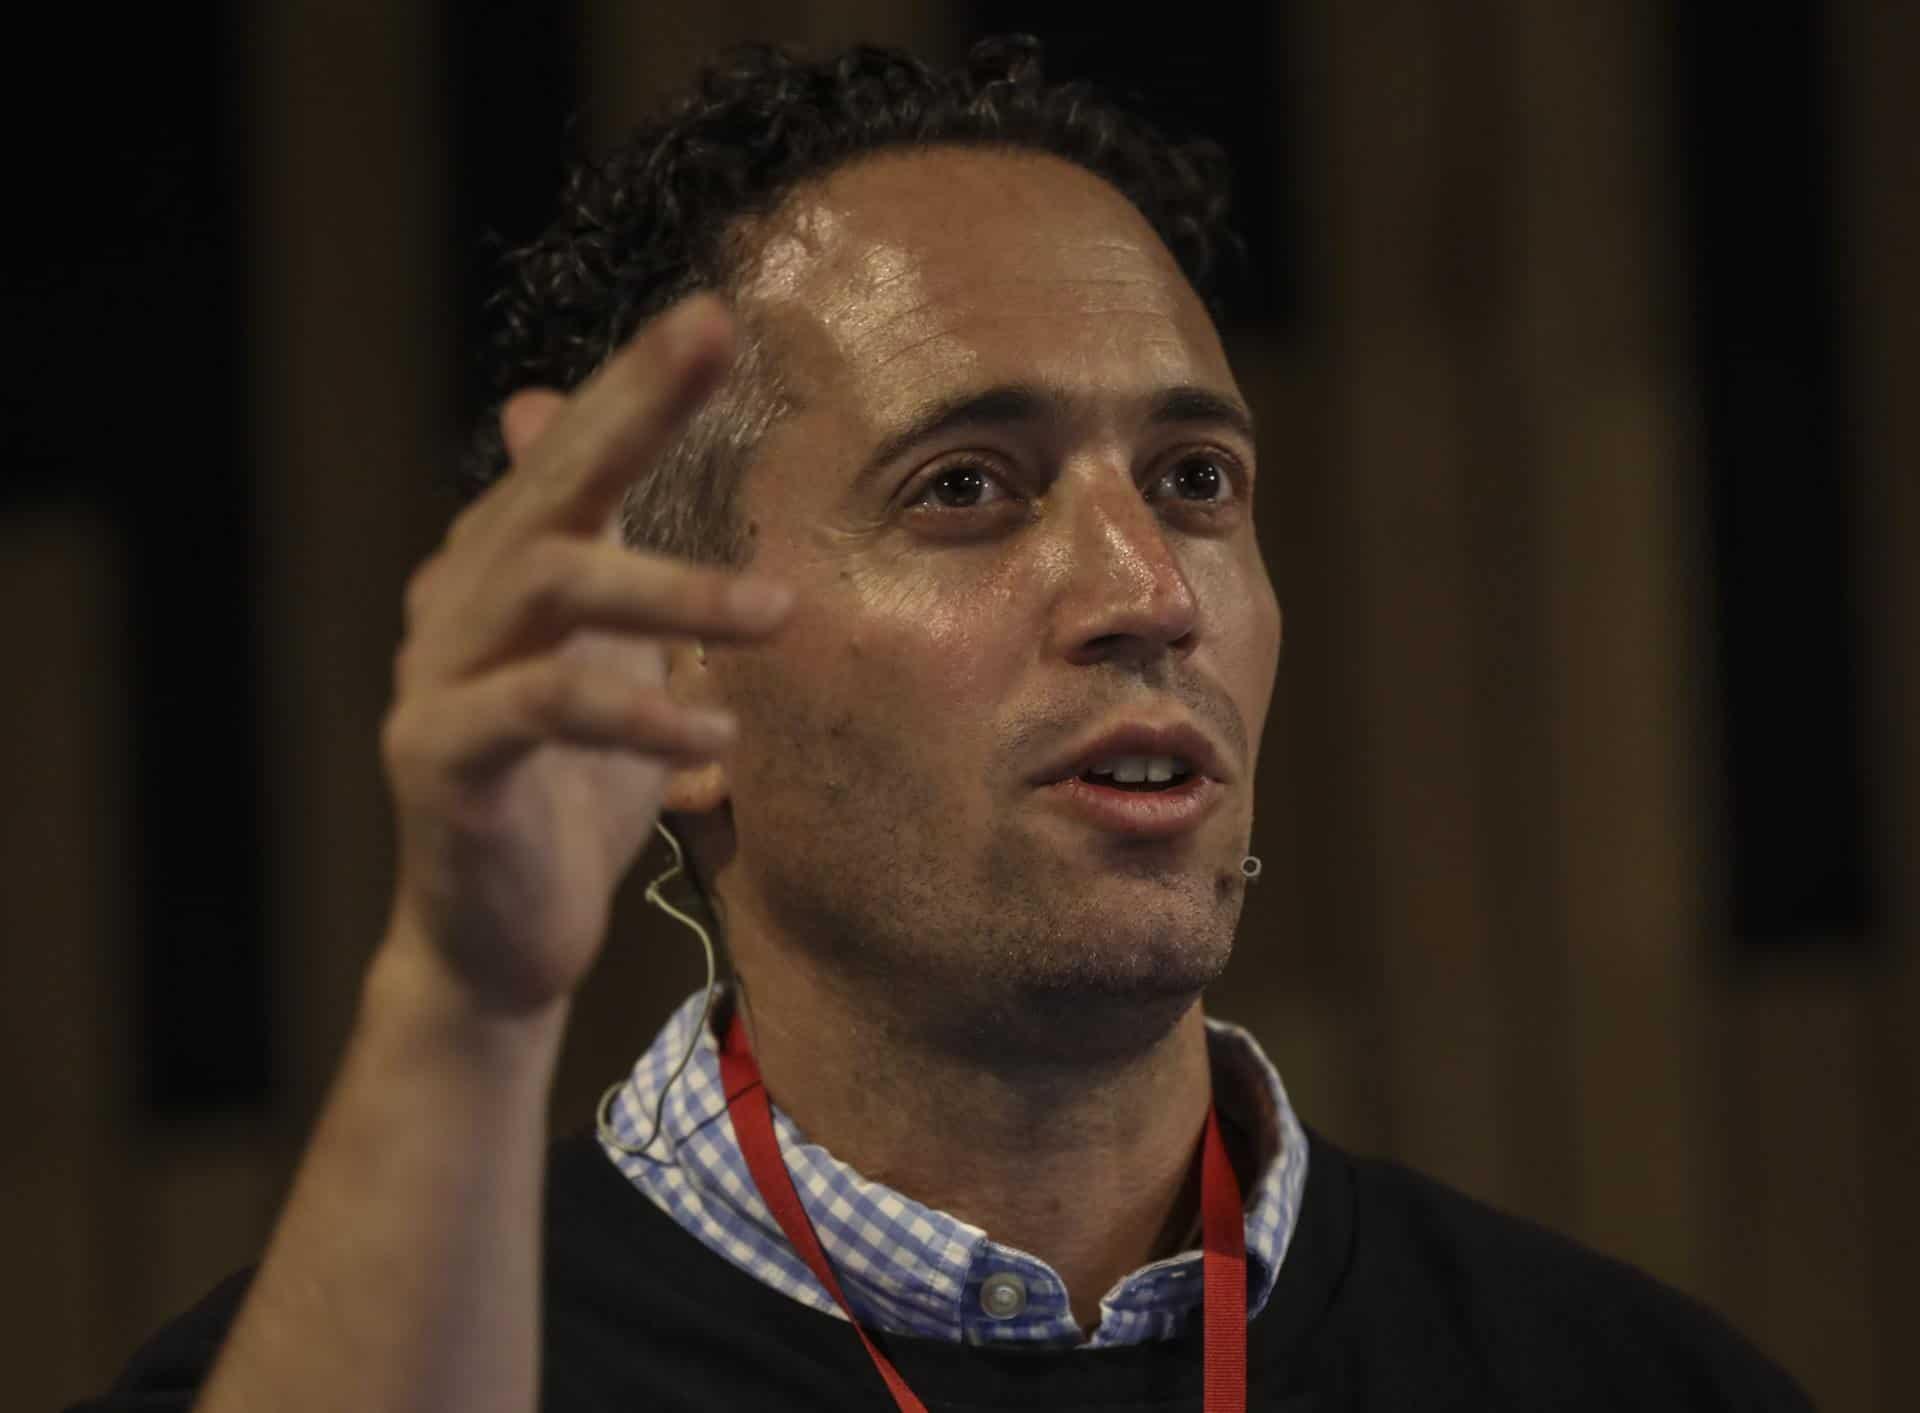 Charla BuzzFeed: ¿Cómo construir un medio basado en el uso de datos?. Foto: Joaquín Sarmiento / FNPI